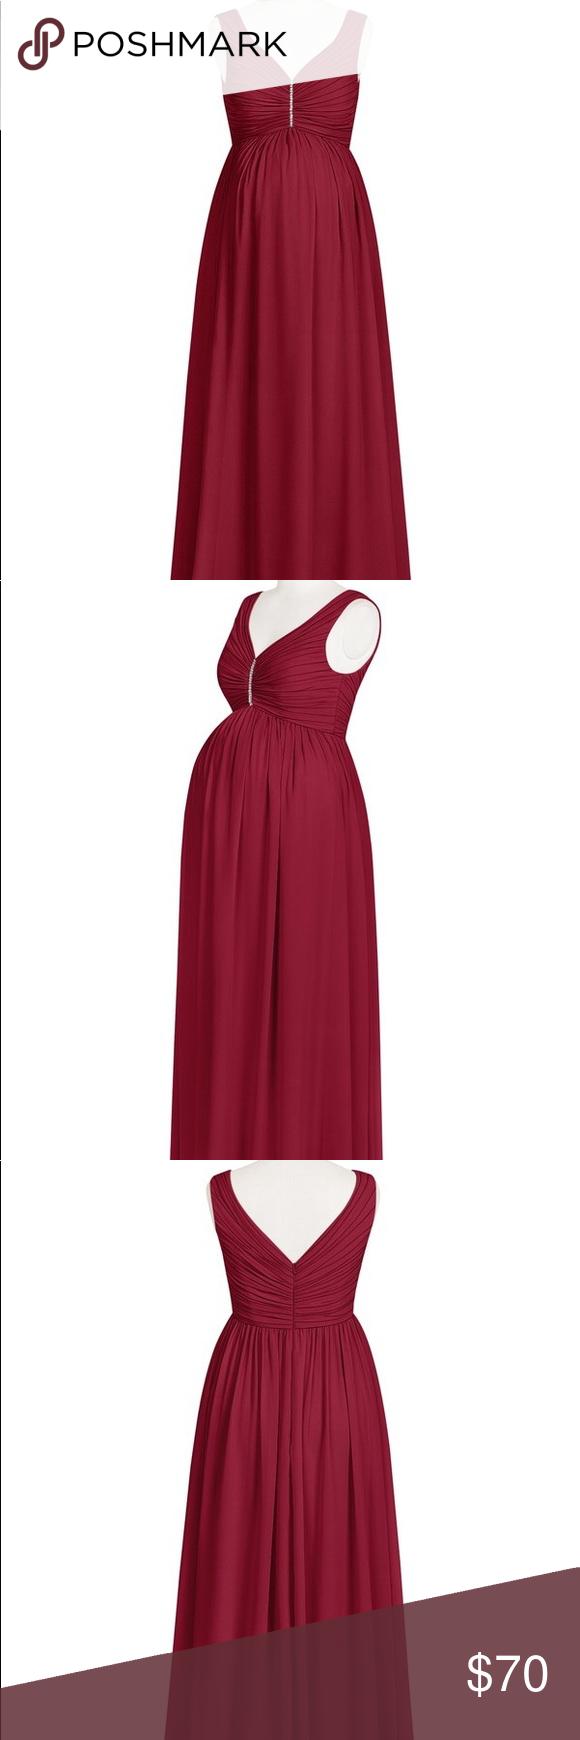 487babf2ee7 I just added this listing on Poshmark  Maroon Maternity Bridesmaid Dress- Azazie  Madison.  shopmycloset  poshmark  fashion  shopping  style  forsale  Azazie  ...